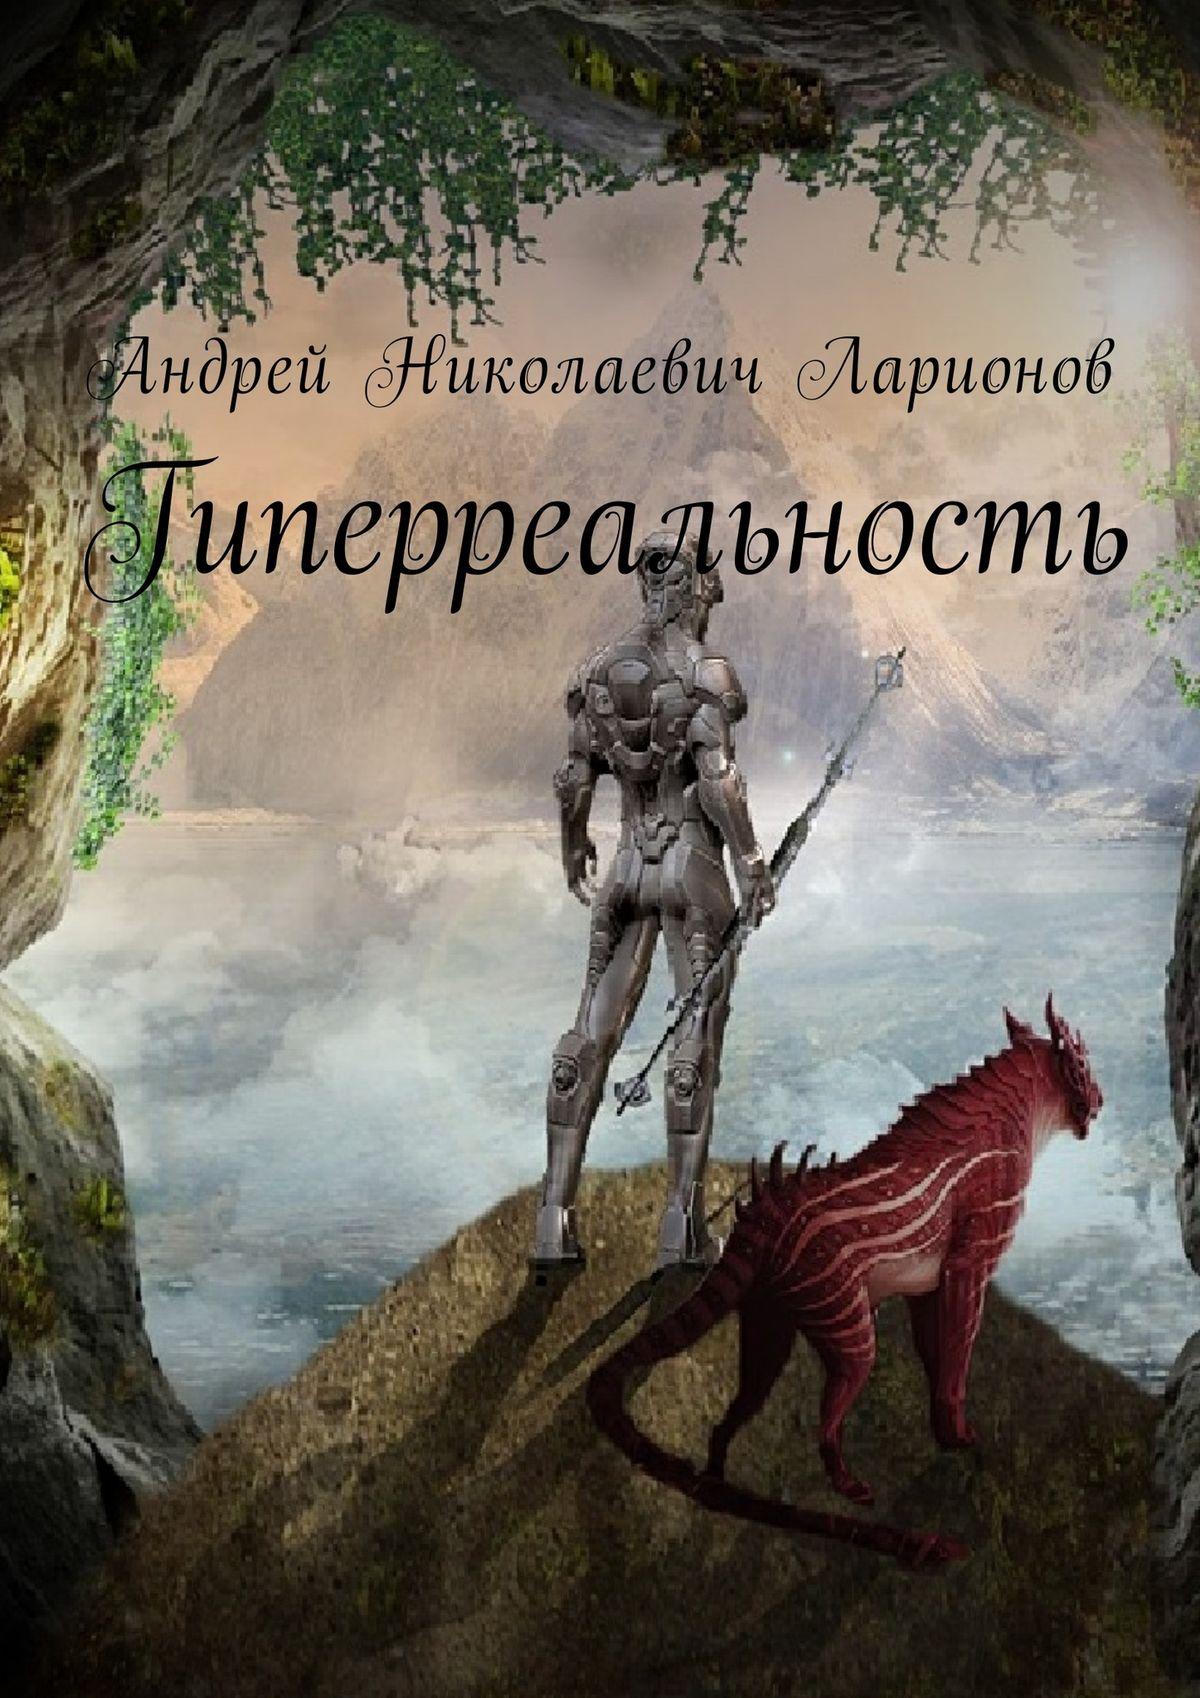 Андрей Николаевич Ларионов Гиперреальность цена